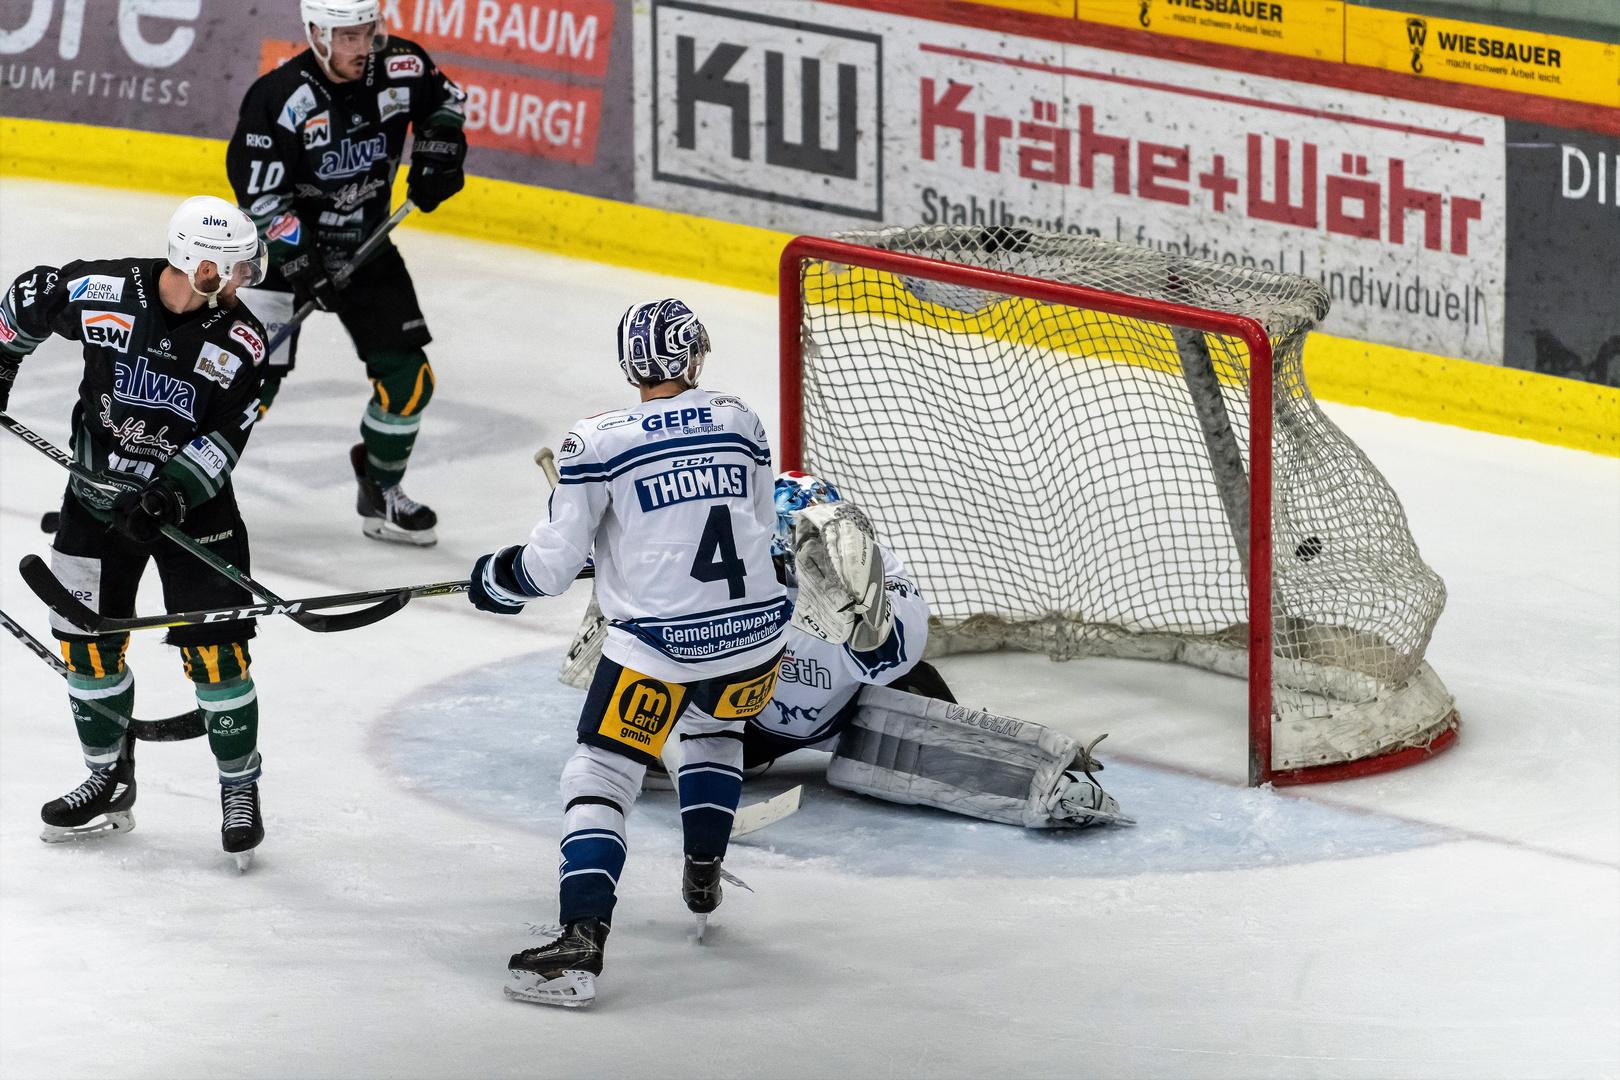 Riessersee Eishockey